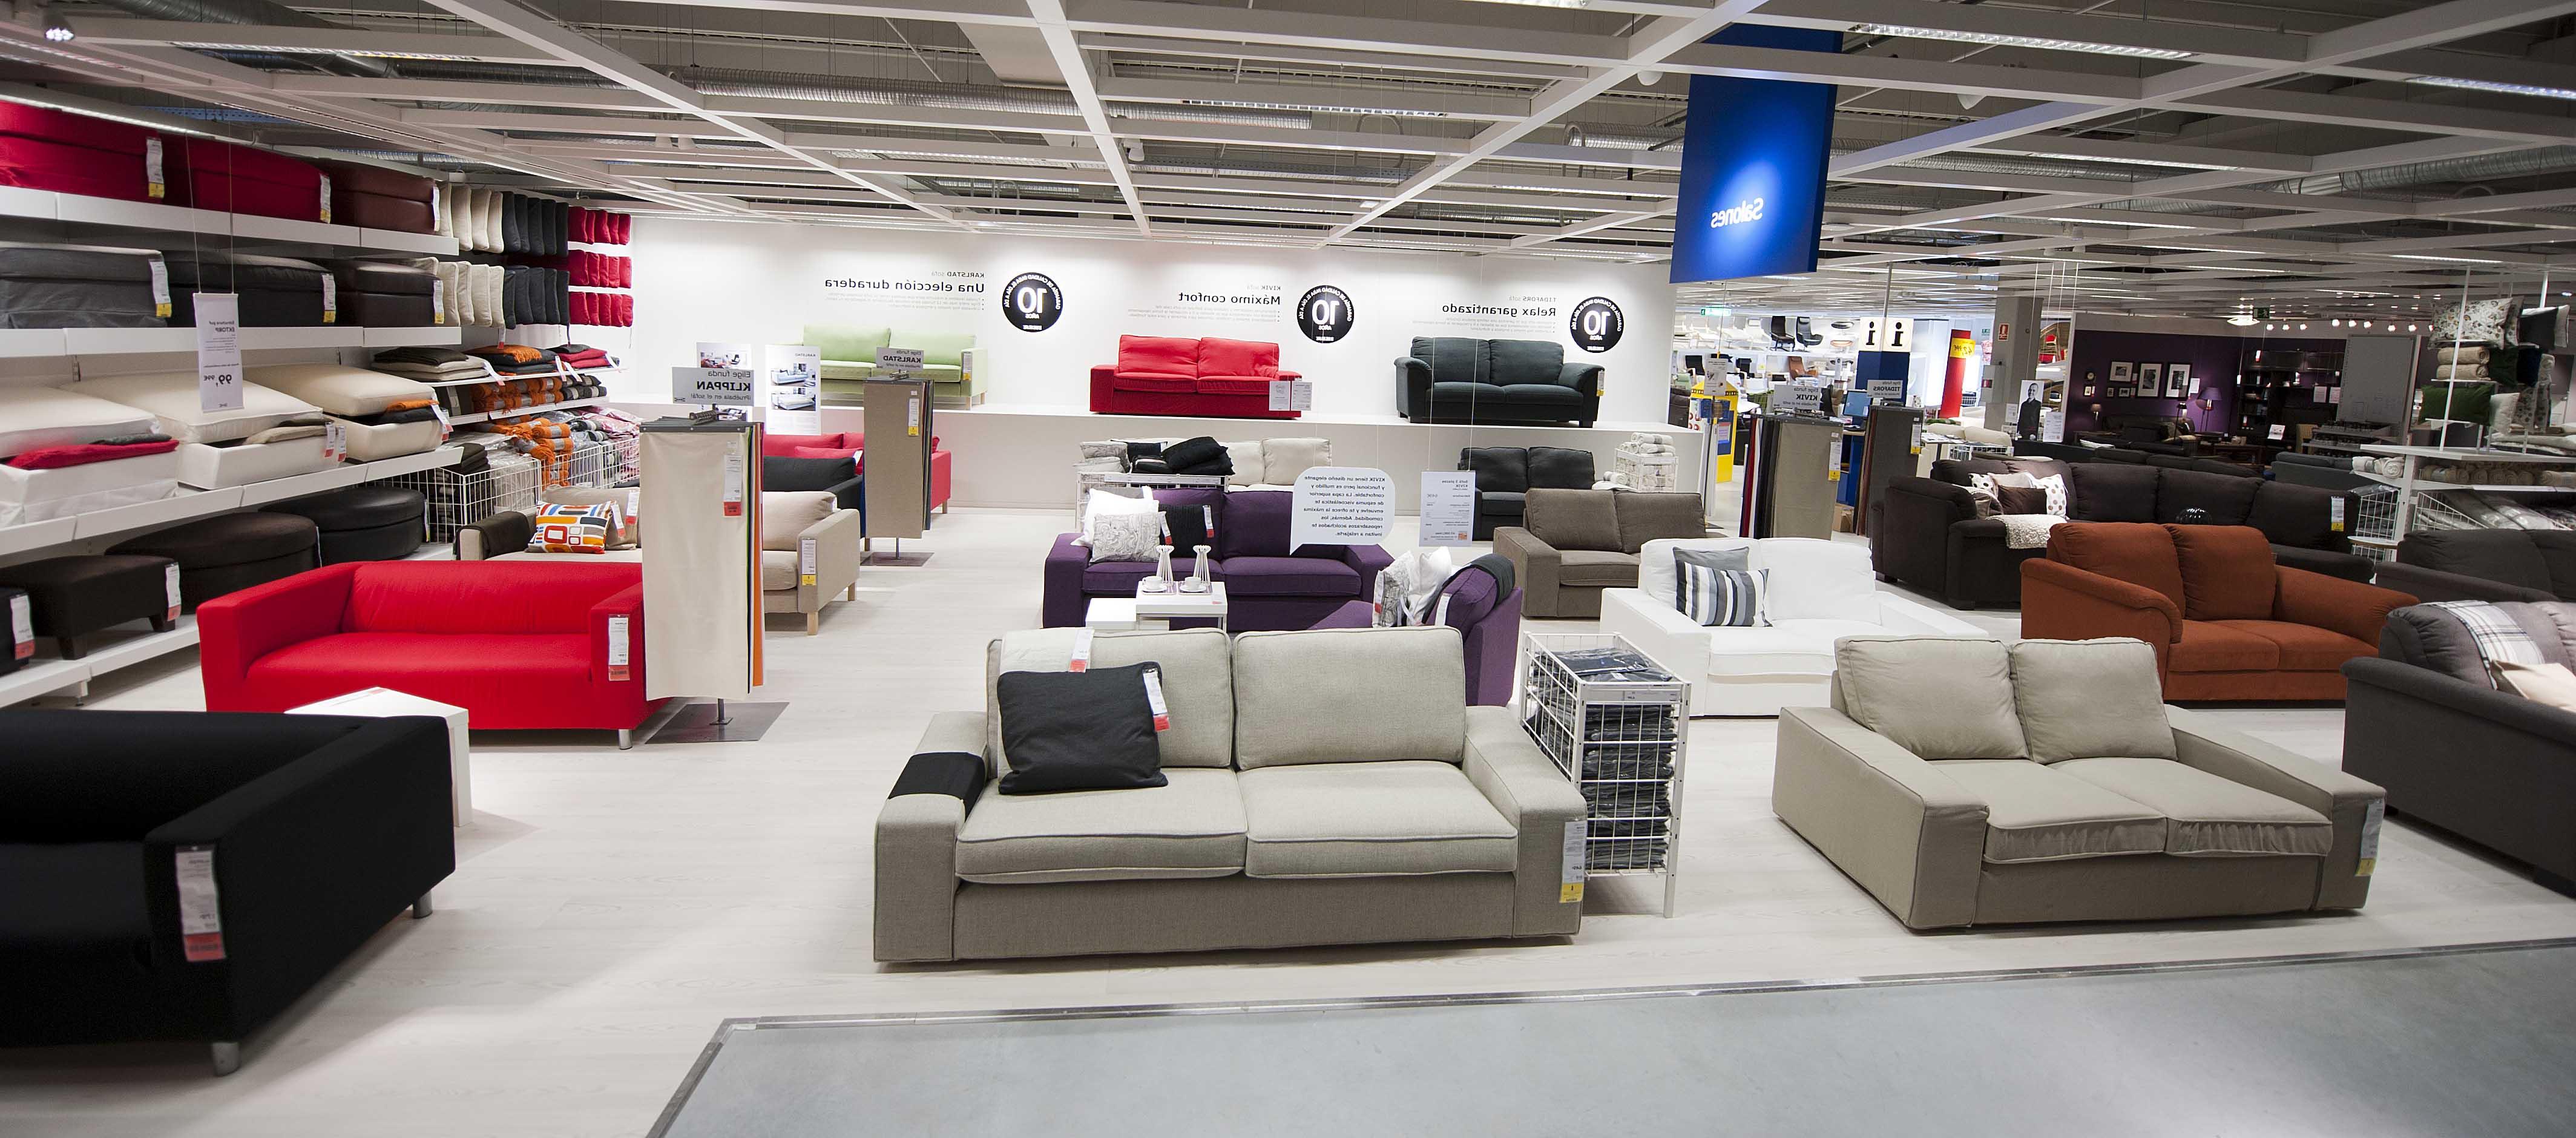 El Desvan Del Mueble Usado Whdr Ikea Redecora Su Negocio Se Abre A La Venta De Segunda Mano Para